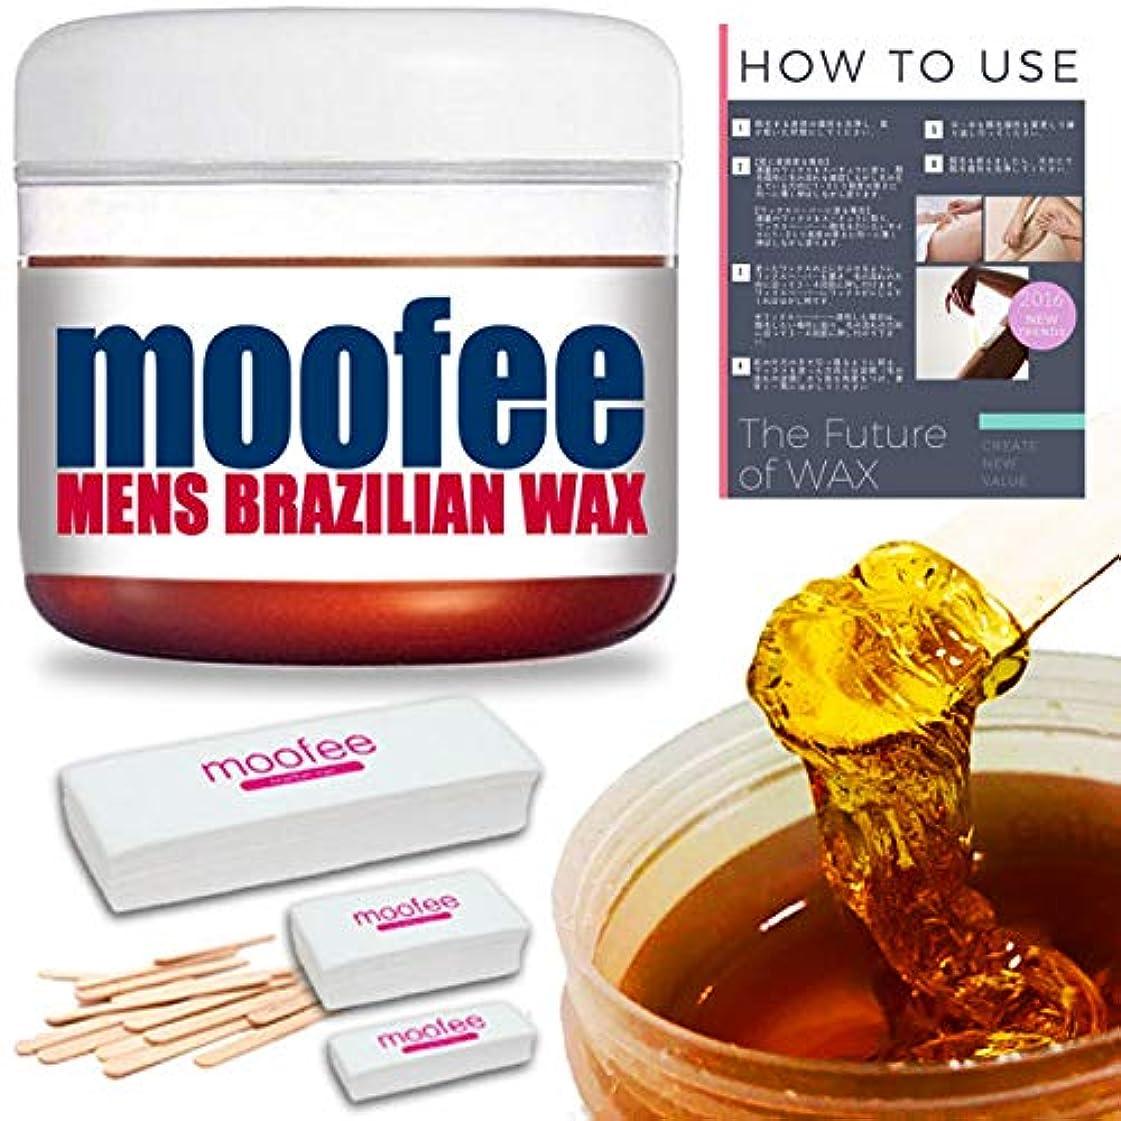 競争力のあるアスレチック本会議メンズブラジリアンワックス 脱毛ワックス 男性用 moofee スターターキット